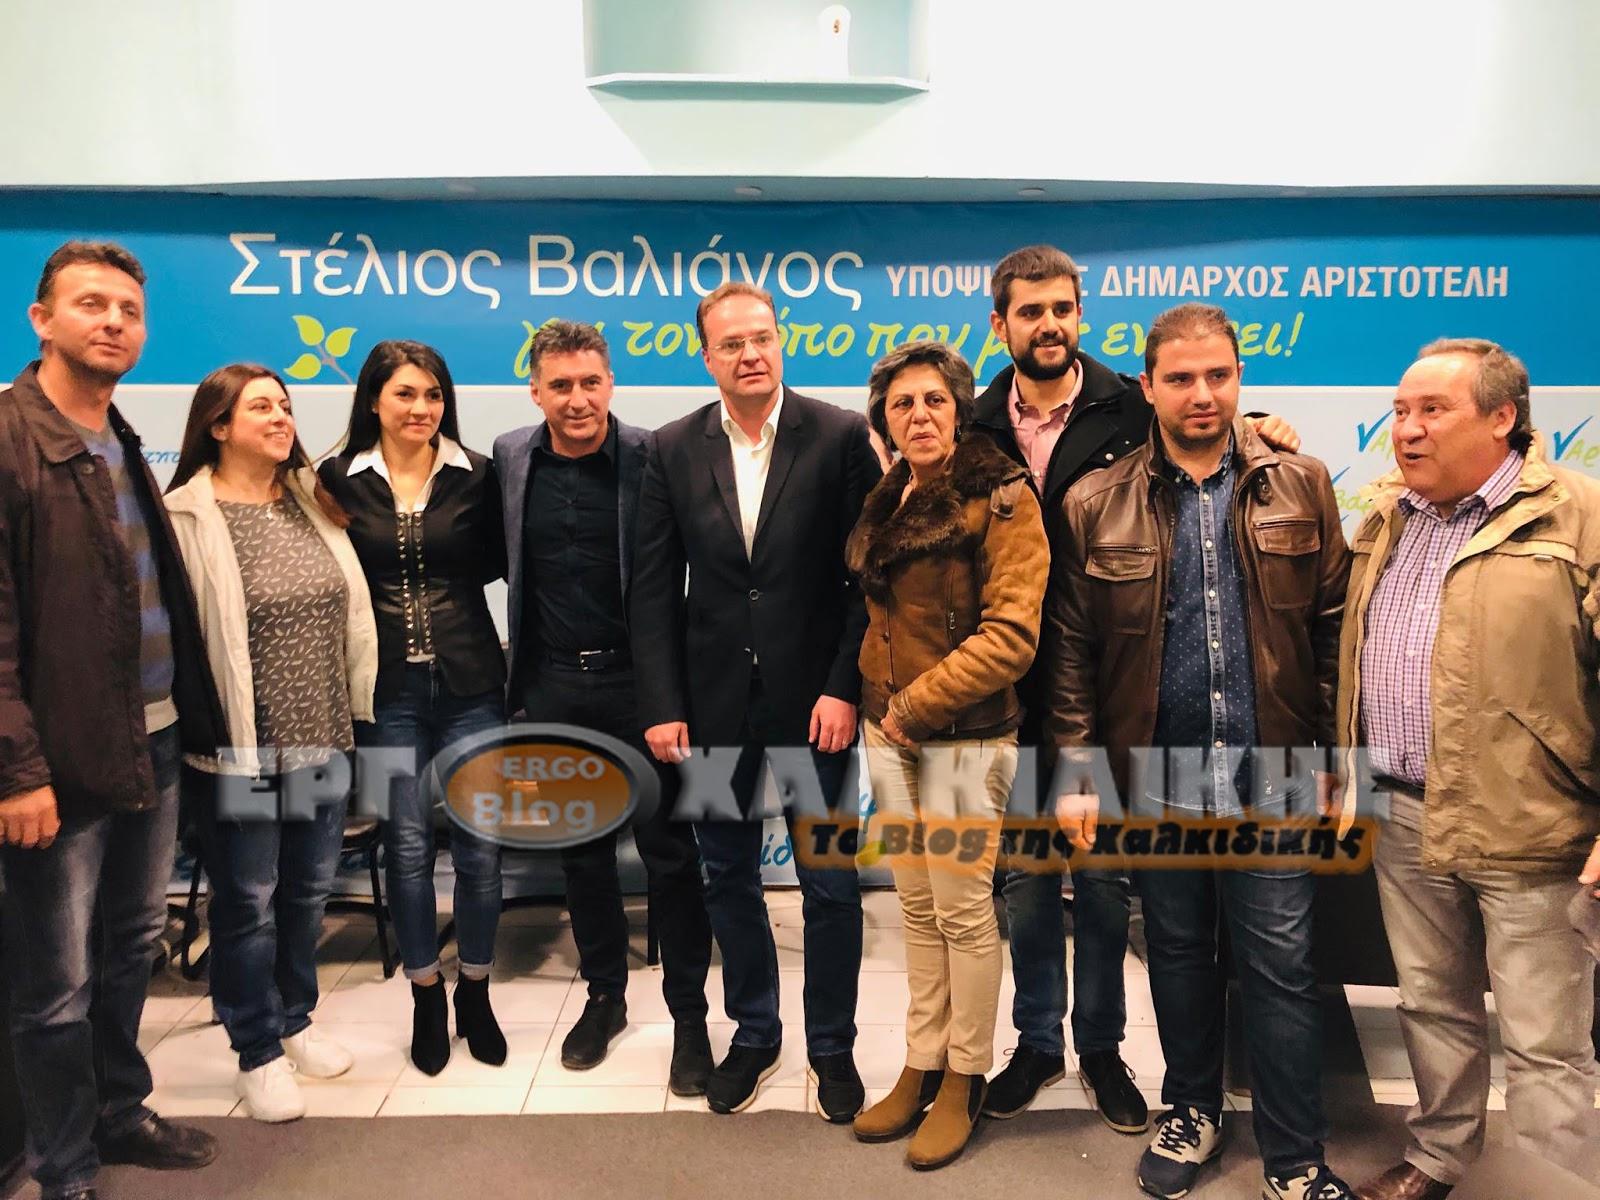 Ο Υποψήφιος Ευρωβουλευτής Θοδωρής Ζαγοράκης στο εκλογικό κέντρο του Στέλιου Βαλιάνου στην Αρναία(φωτο)